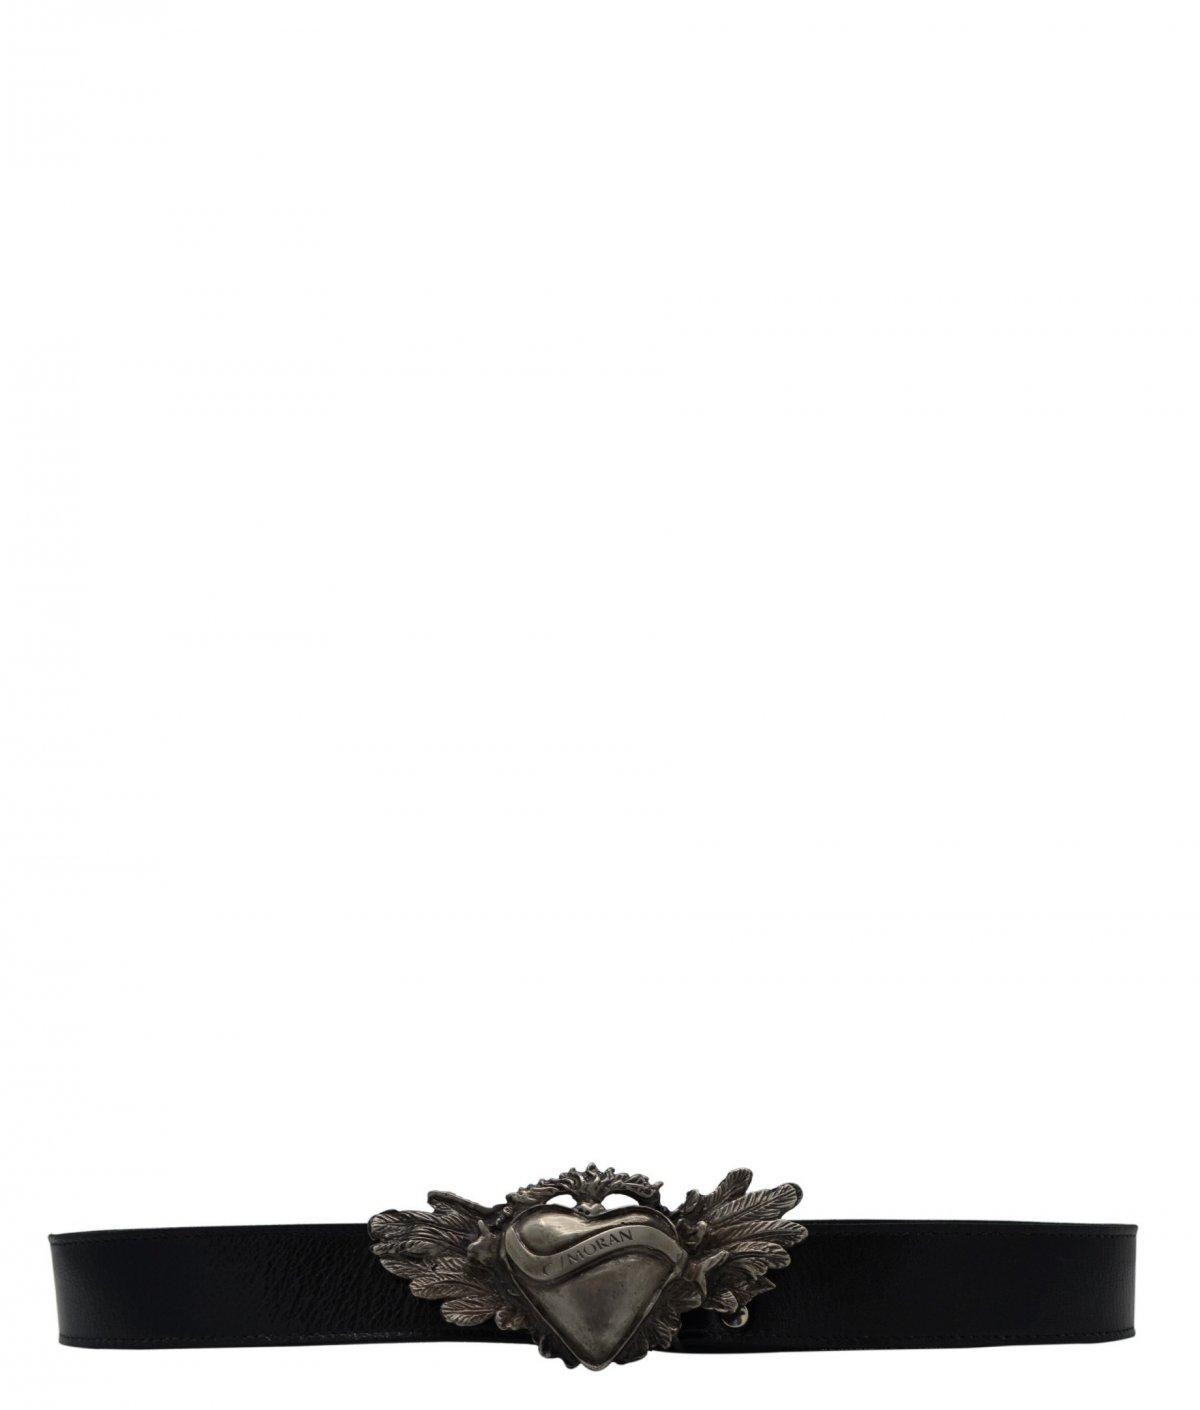 Cinturones Cinturon 813 Cuero